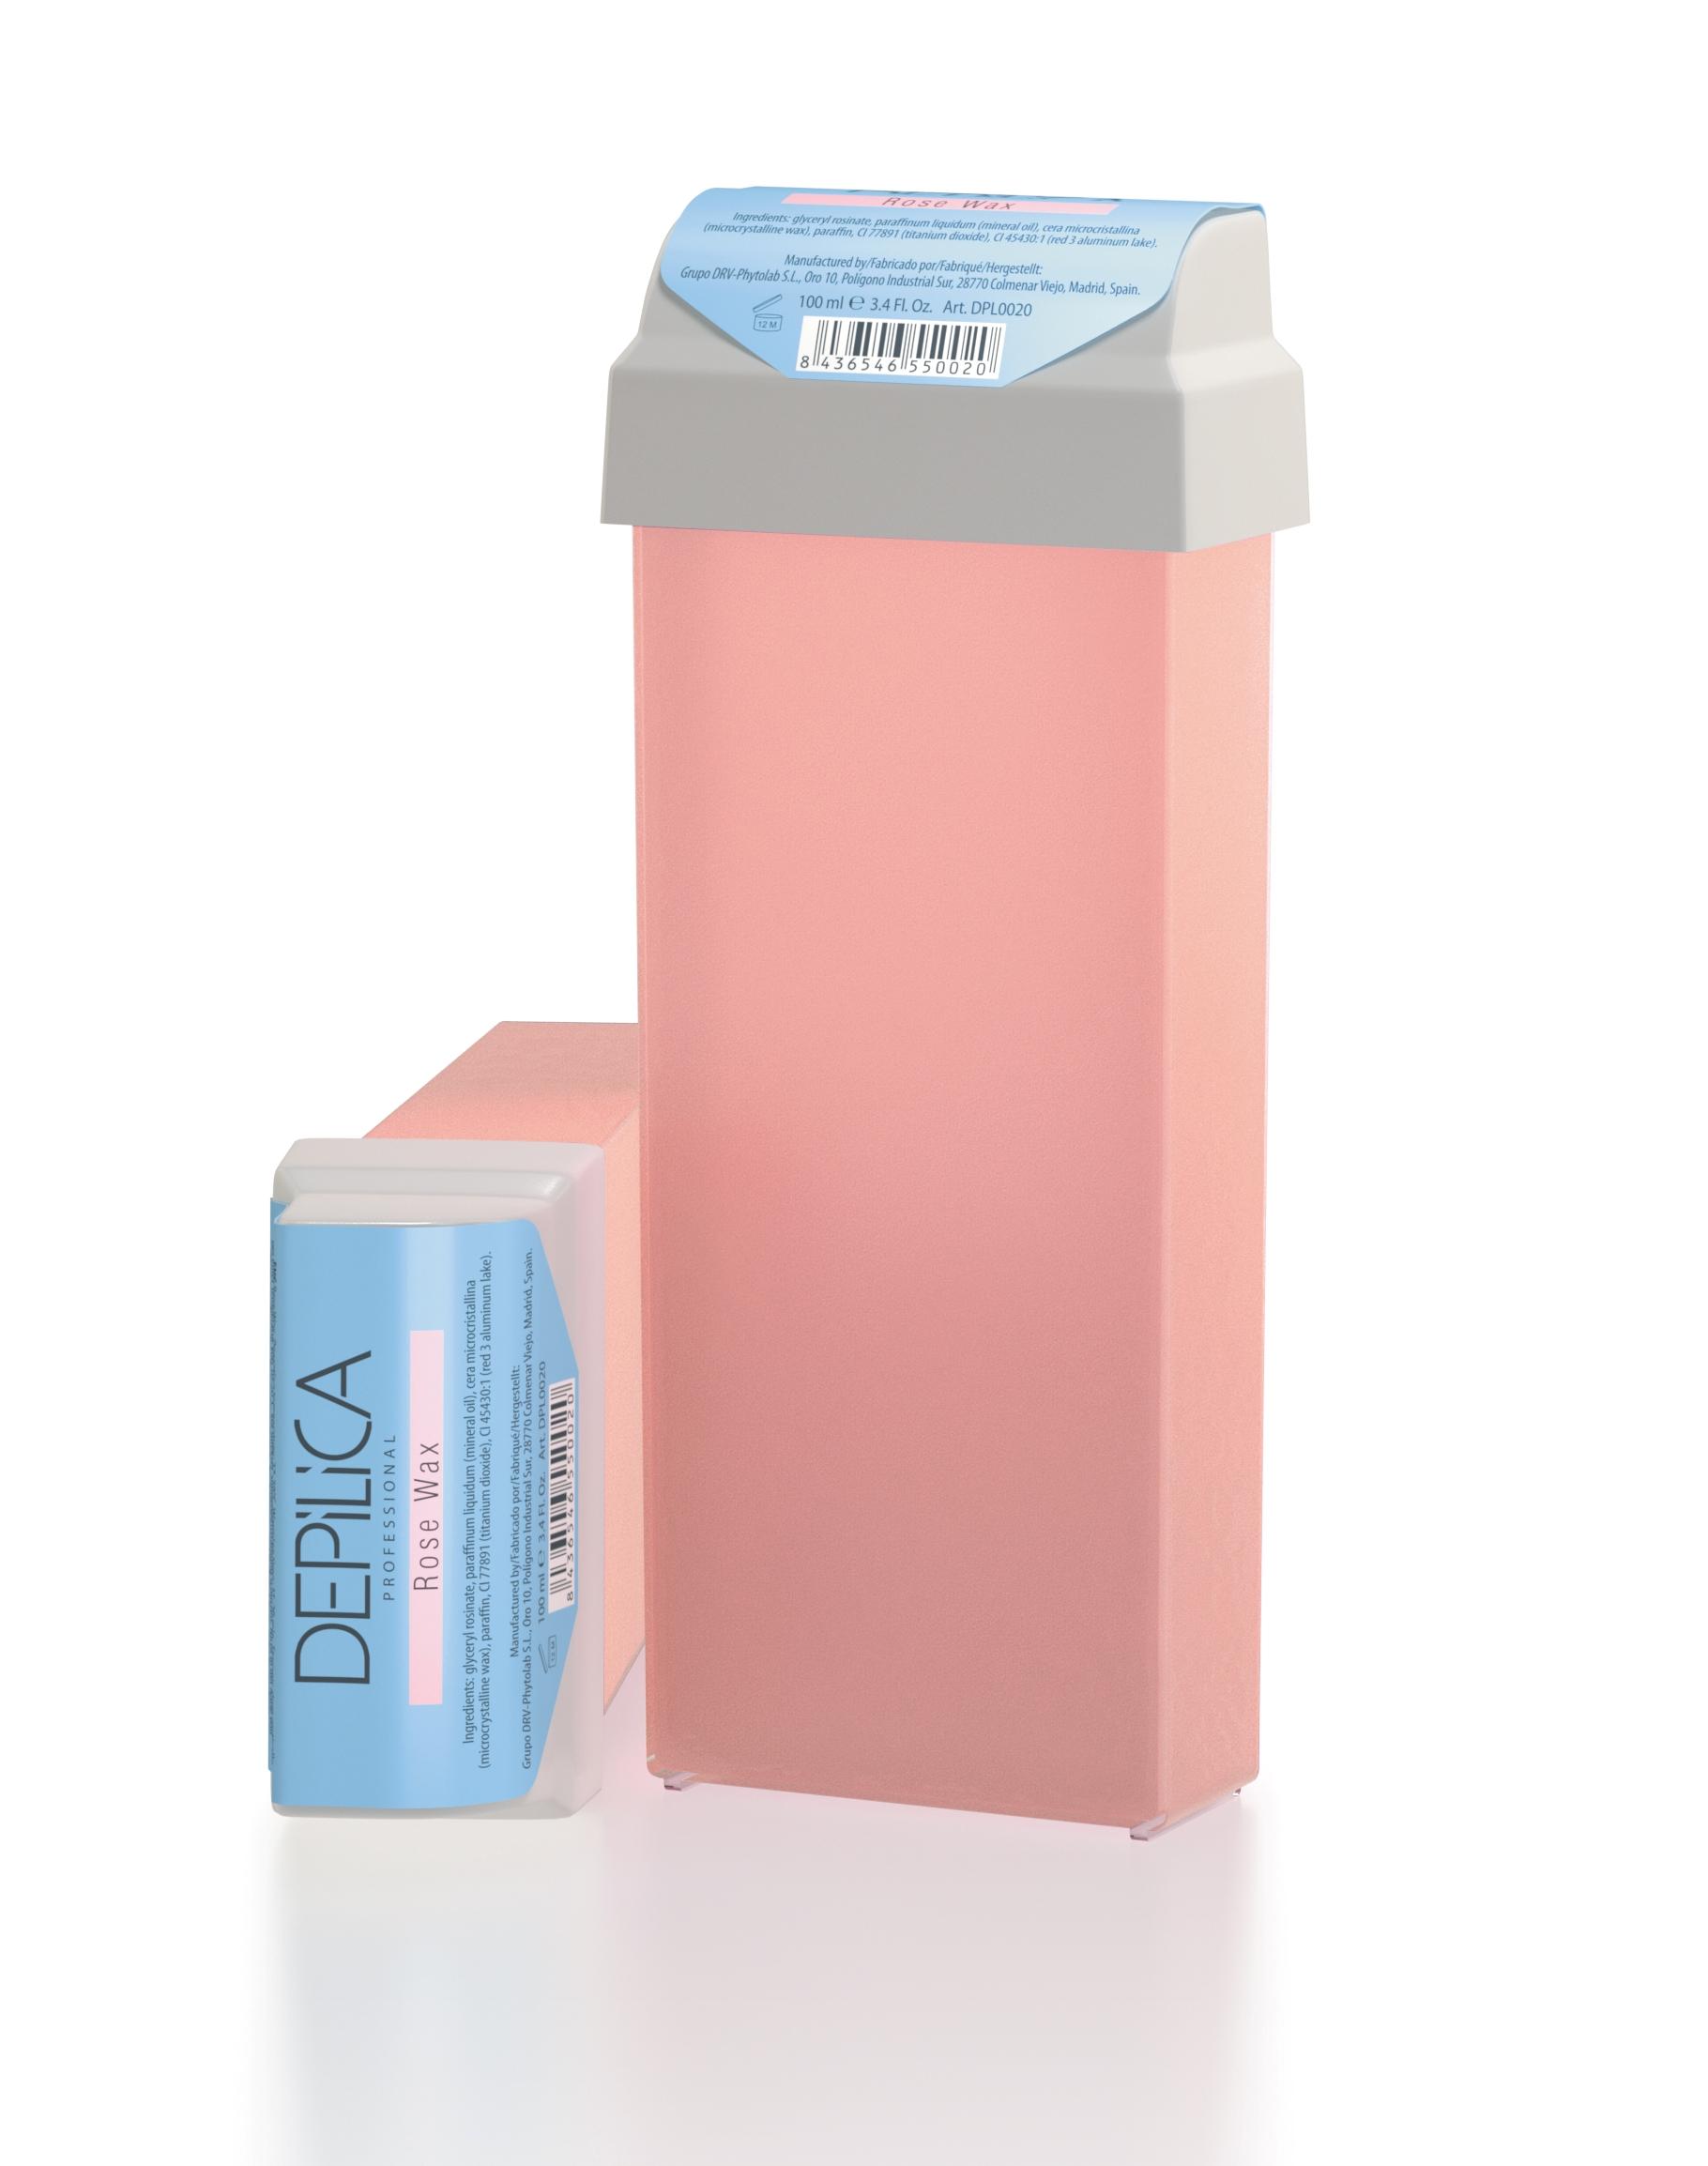 DEPILICA PROFESSIONAL Воск теплый розовый / Rose Warm Wax 100млВоски<br>Содержит комплекс растительных масел и диоксид титана. Способствует уменьшению покраснений и неприятных ощущений во время процедуры, смягчает кожу. Обладает легкой кремовой текстурой и чувственным ароматом розы. Обеспечивает деликатный уход за кожей. Универсальные картриджи воска подходят для всех стандартных нагревателей. Они оснащены роликом-аппликатором что очень удобно для быстрого и чистого нанесения.<br>